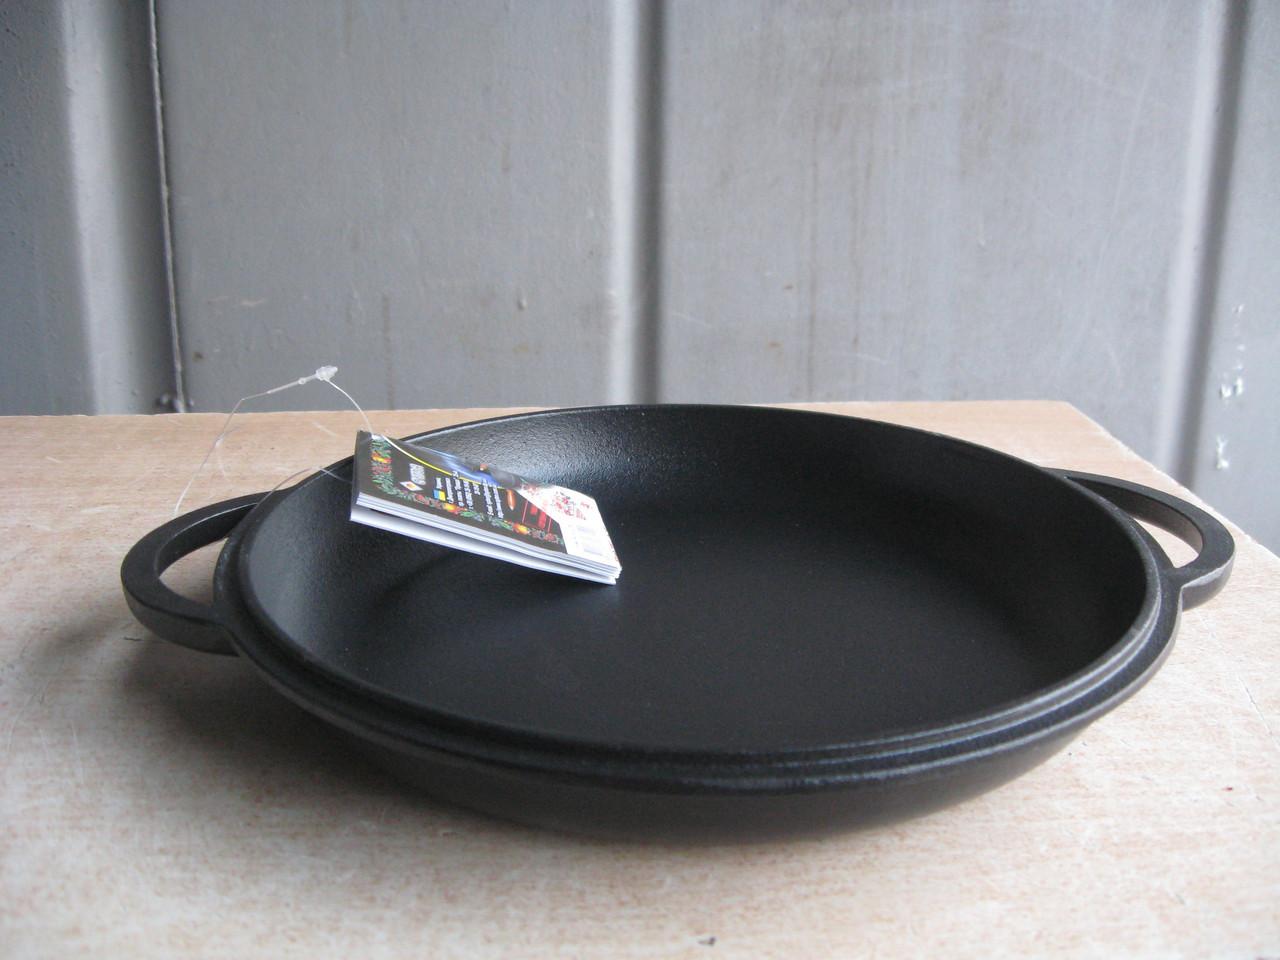 Крышка-сковорода чугунная, эмалированная.  Диаметр 260мм.